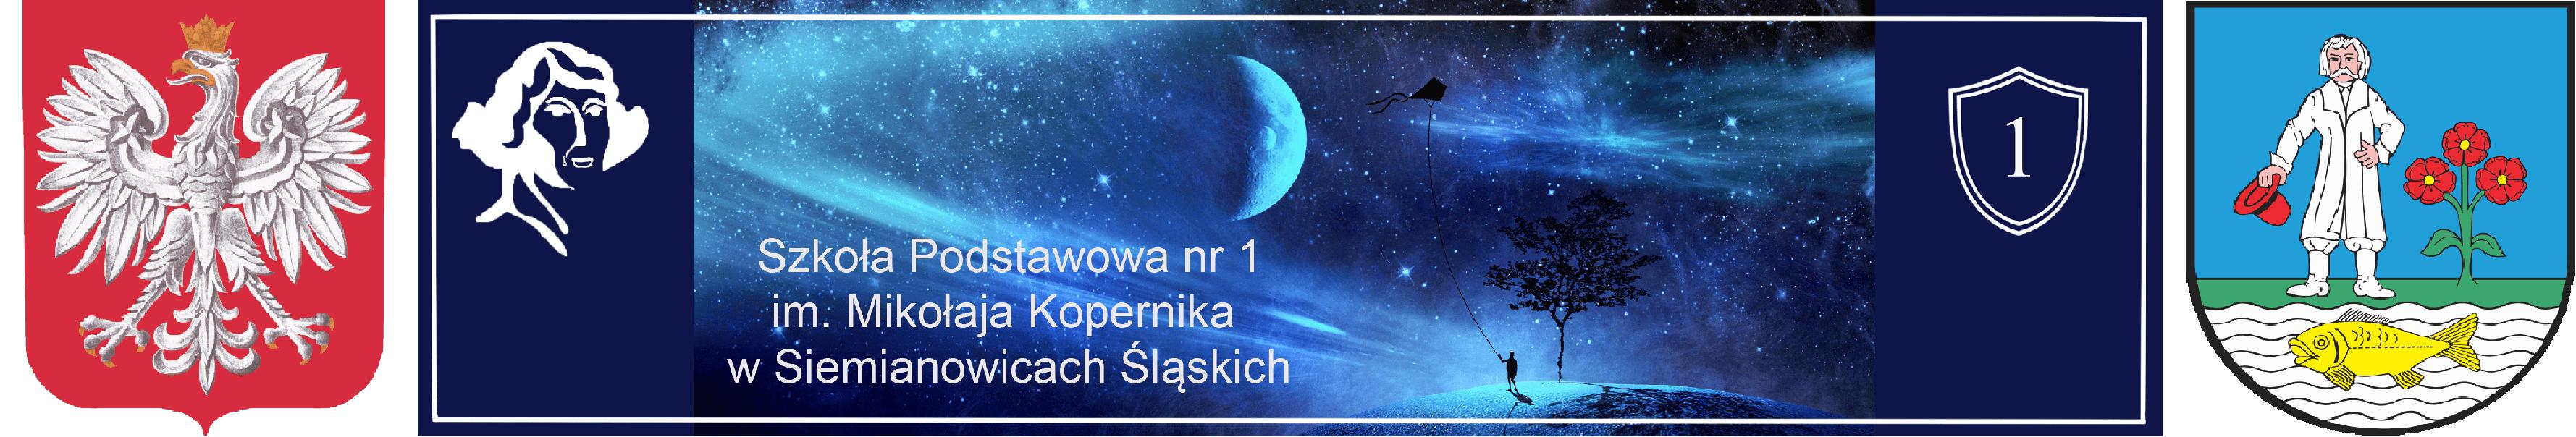 Szkoła Podstawowa im. Mikołaja Kopernika